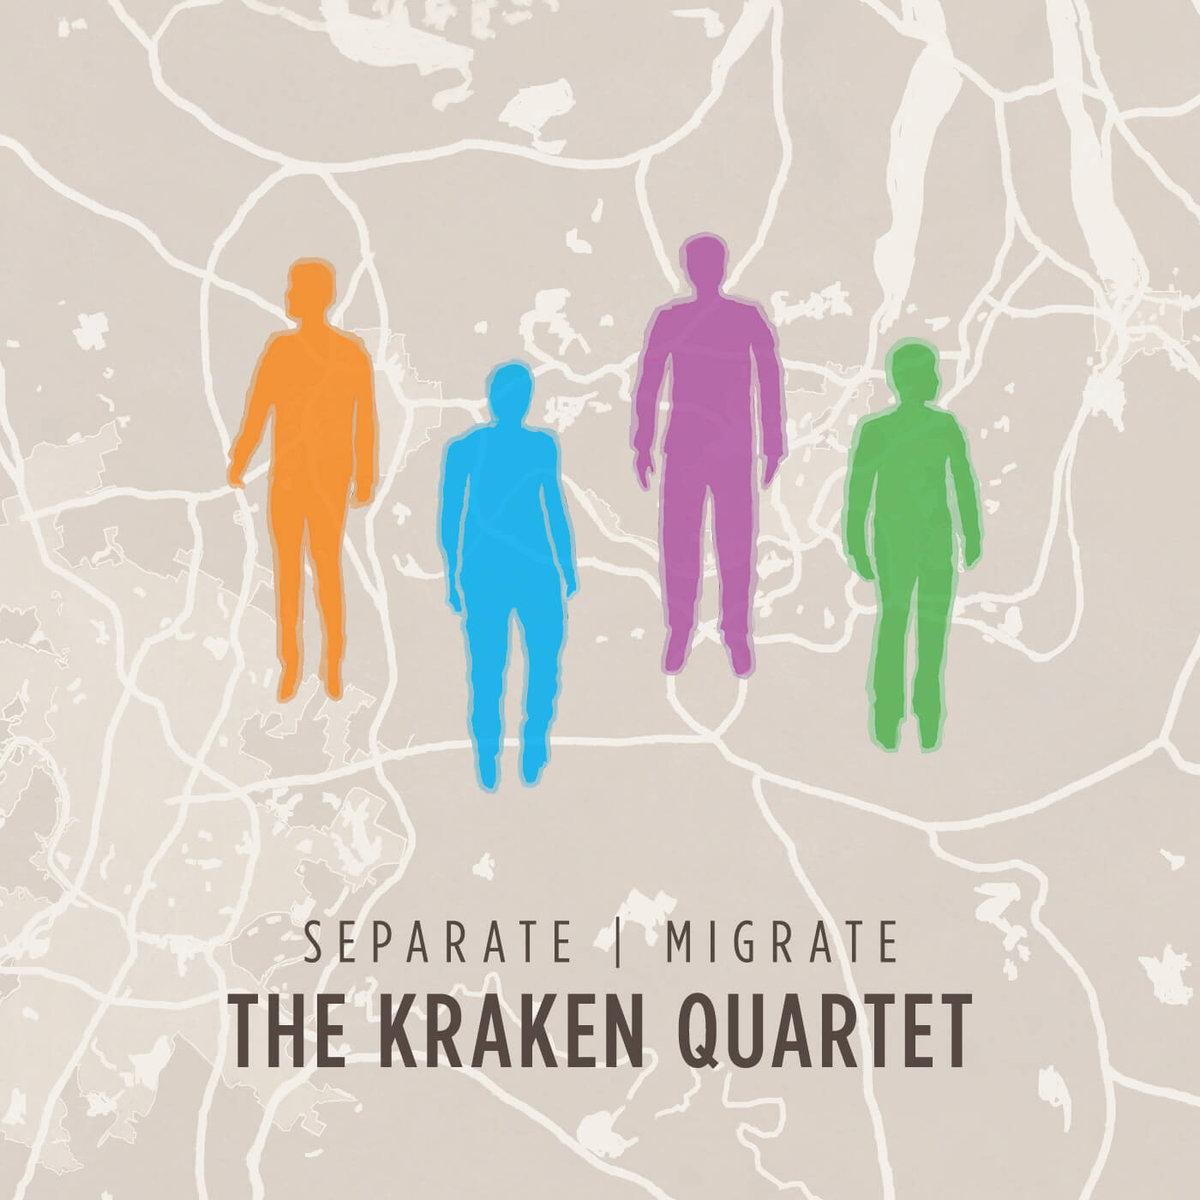 Kraken Quartet premiere